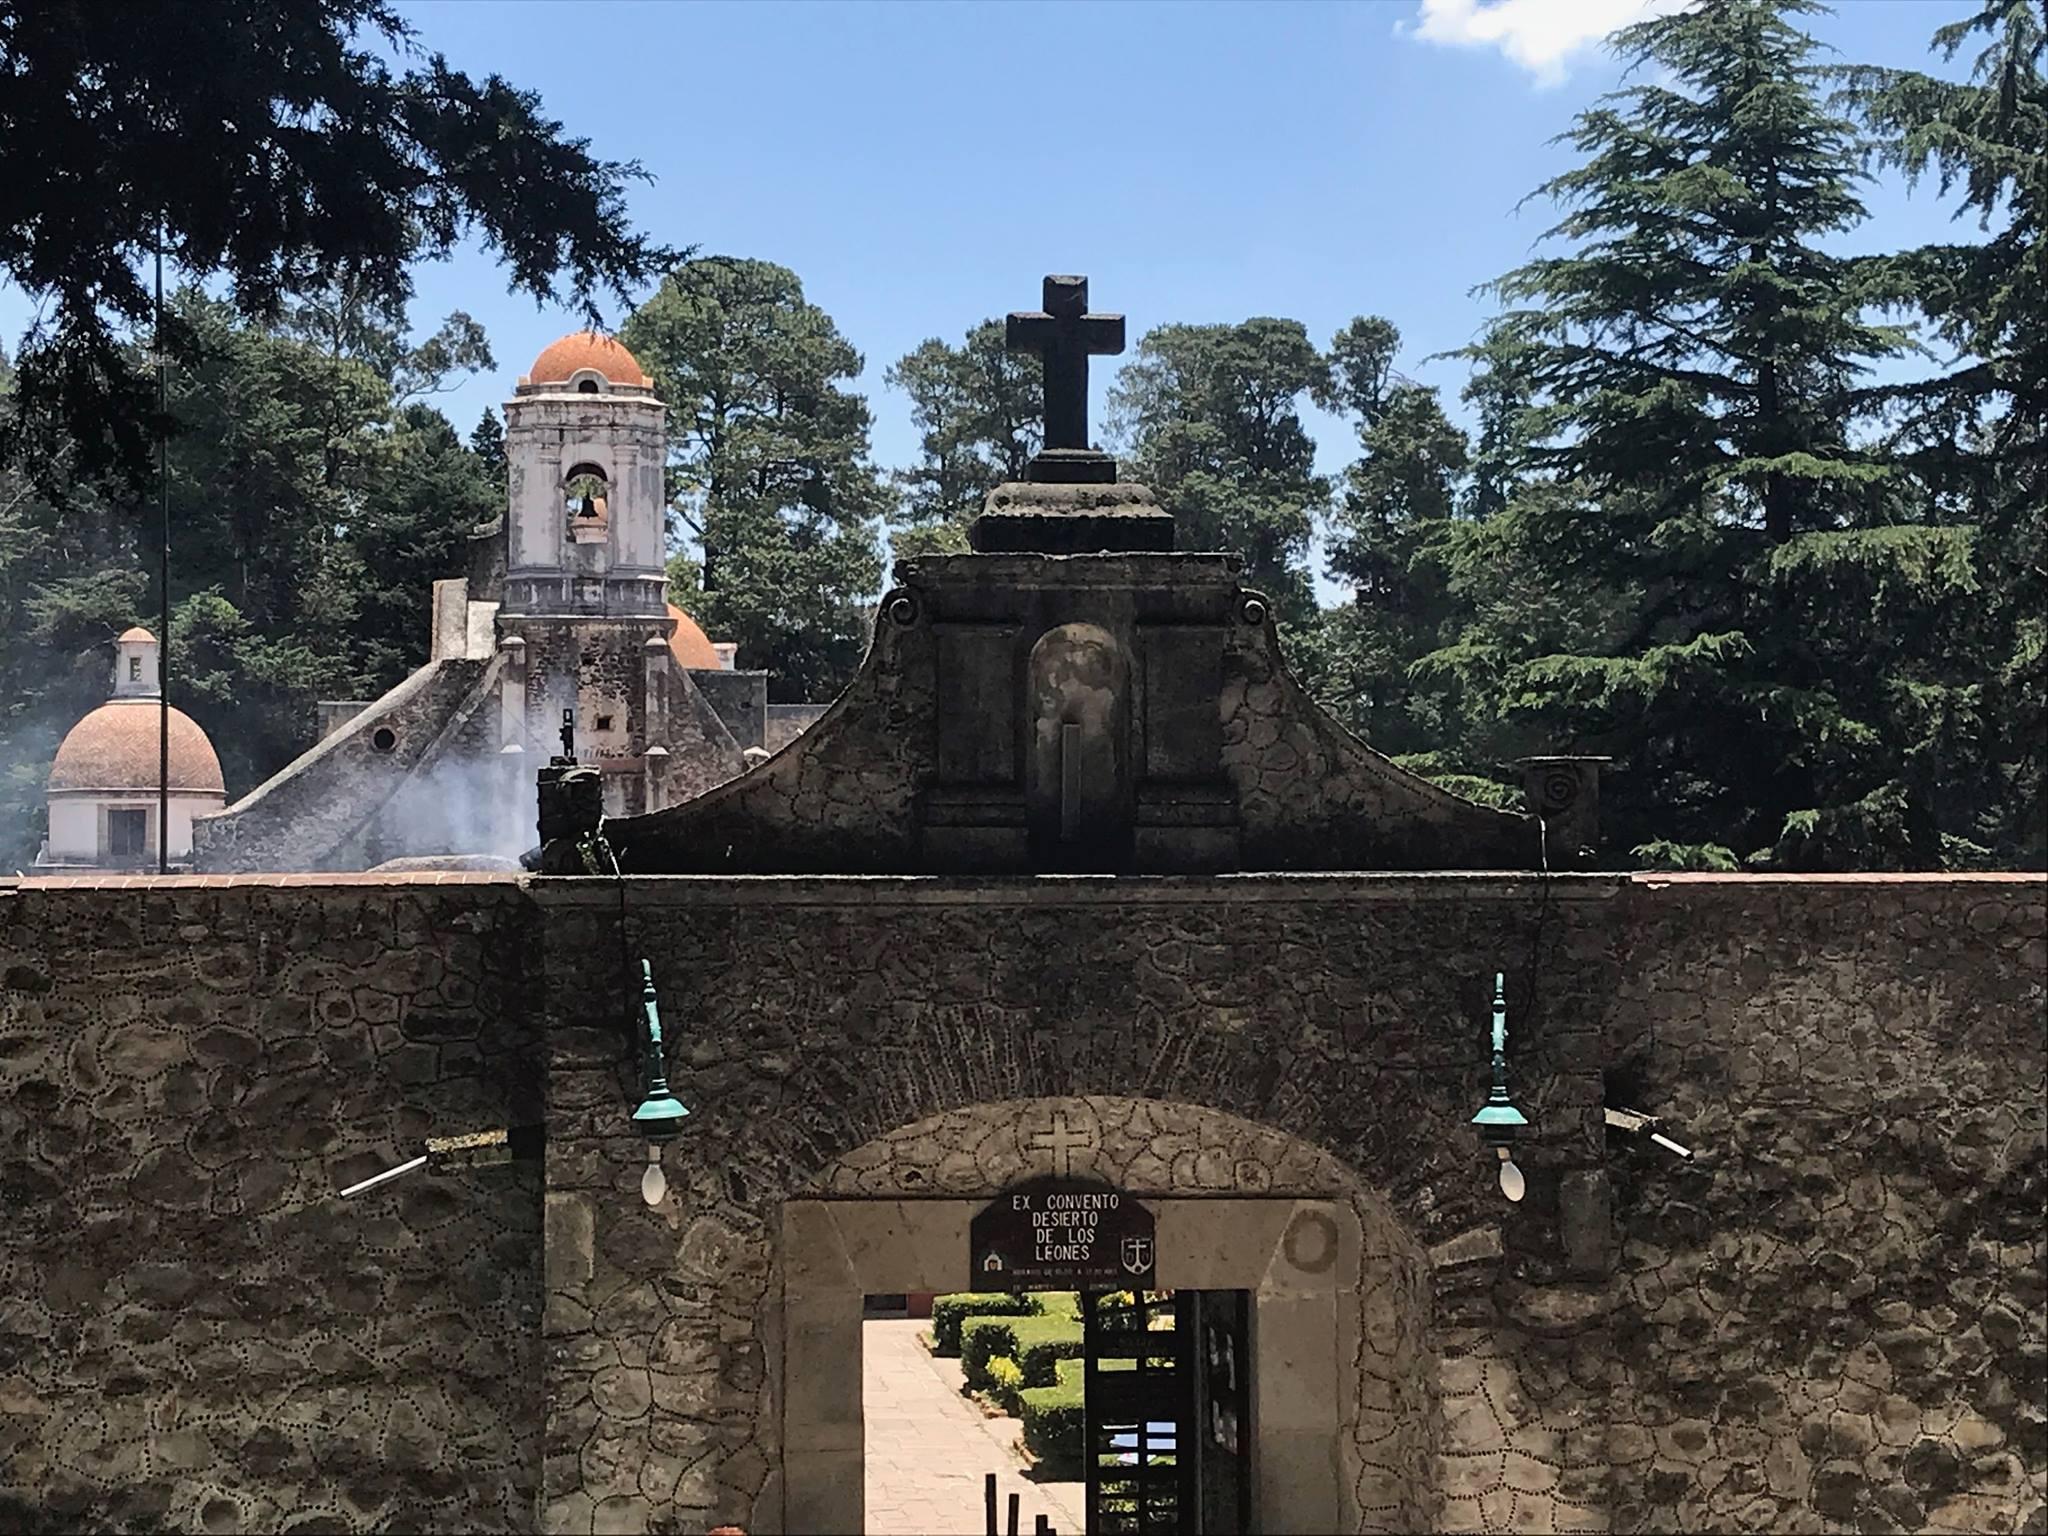 En su historia está no sólo el haber sido sede del convento de los Monjes Carmelitas Descalzos (1611-1814), sino ser campo de maniobras y lugar de acuartelamiento del cuerpo nacional de artillería en 1845.